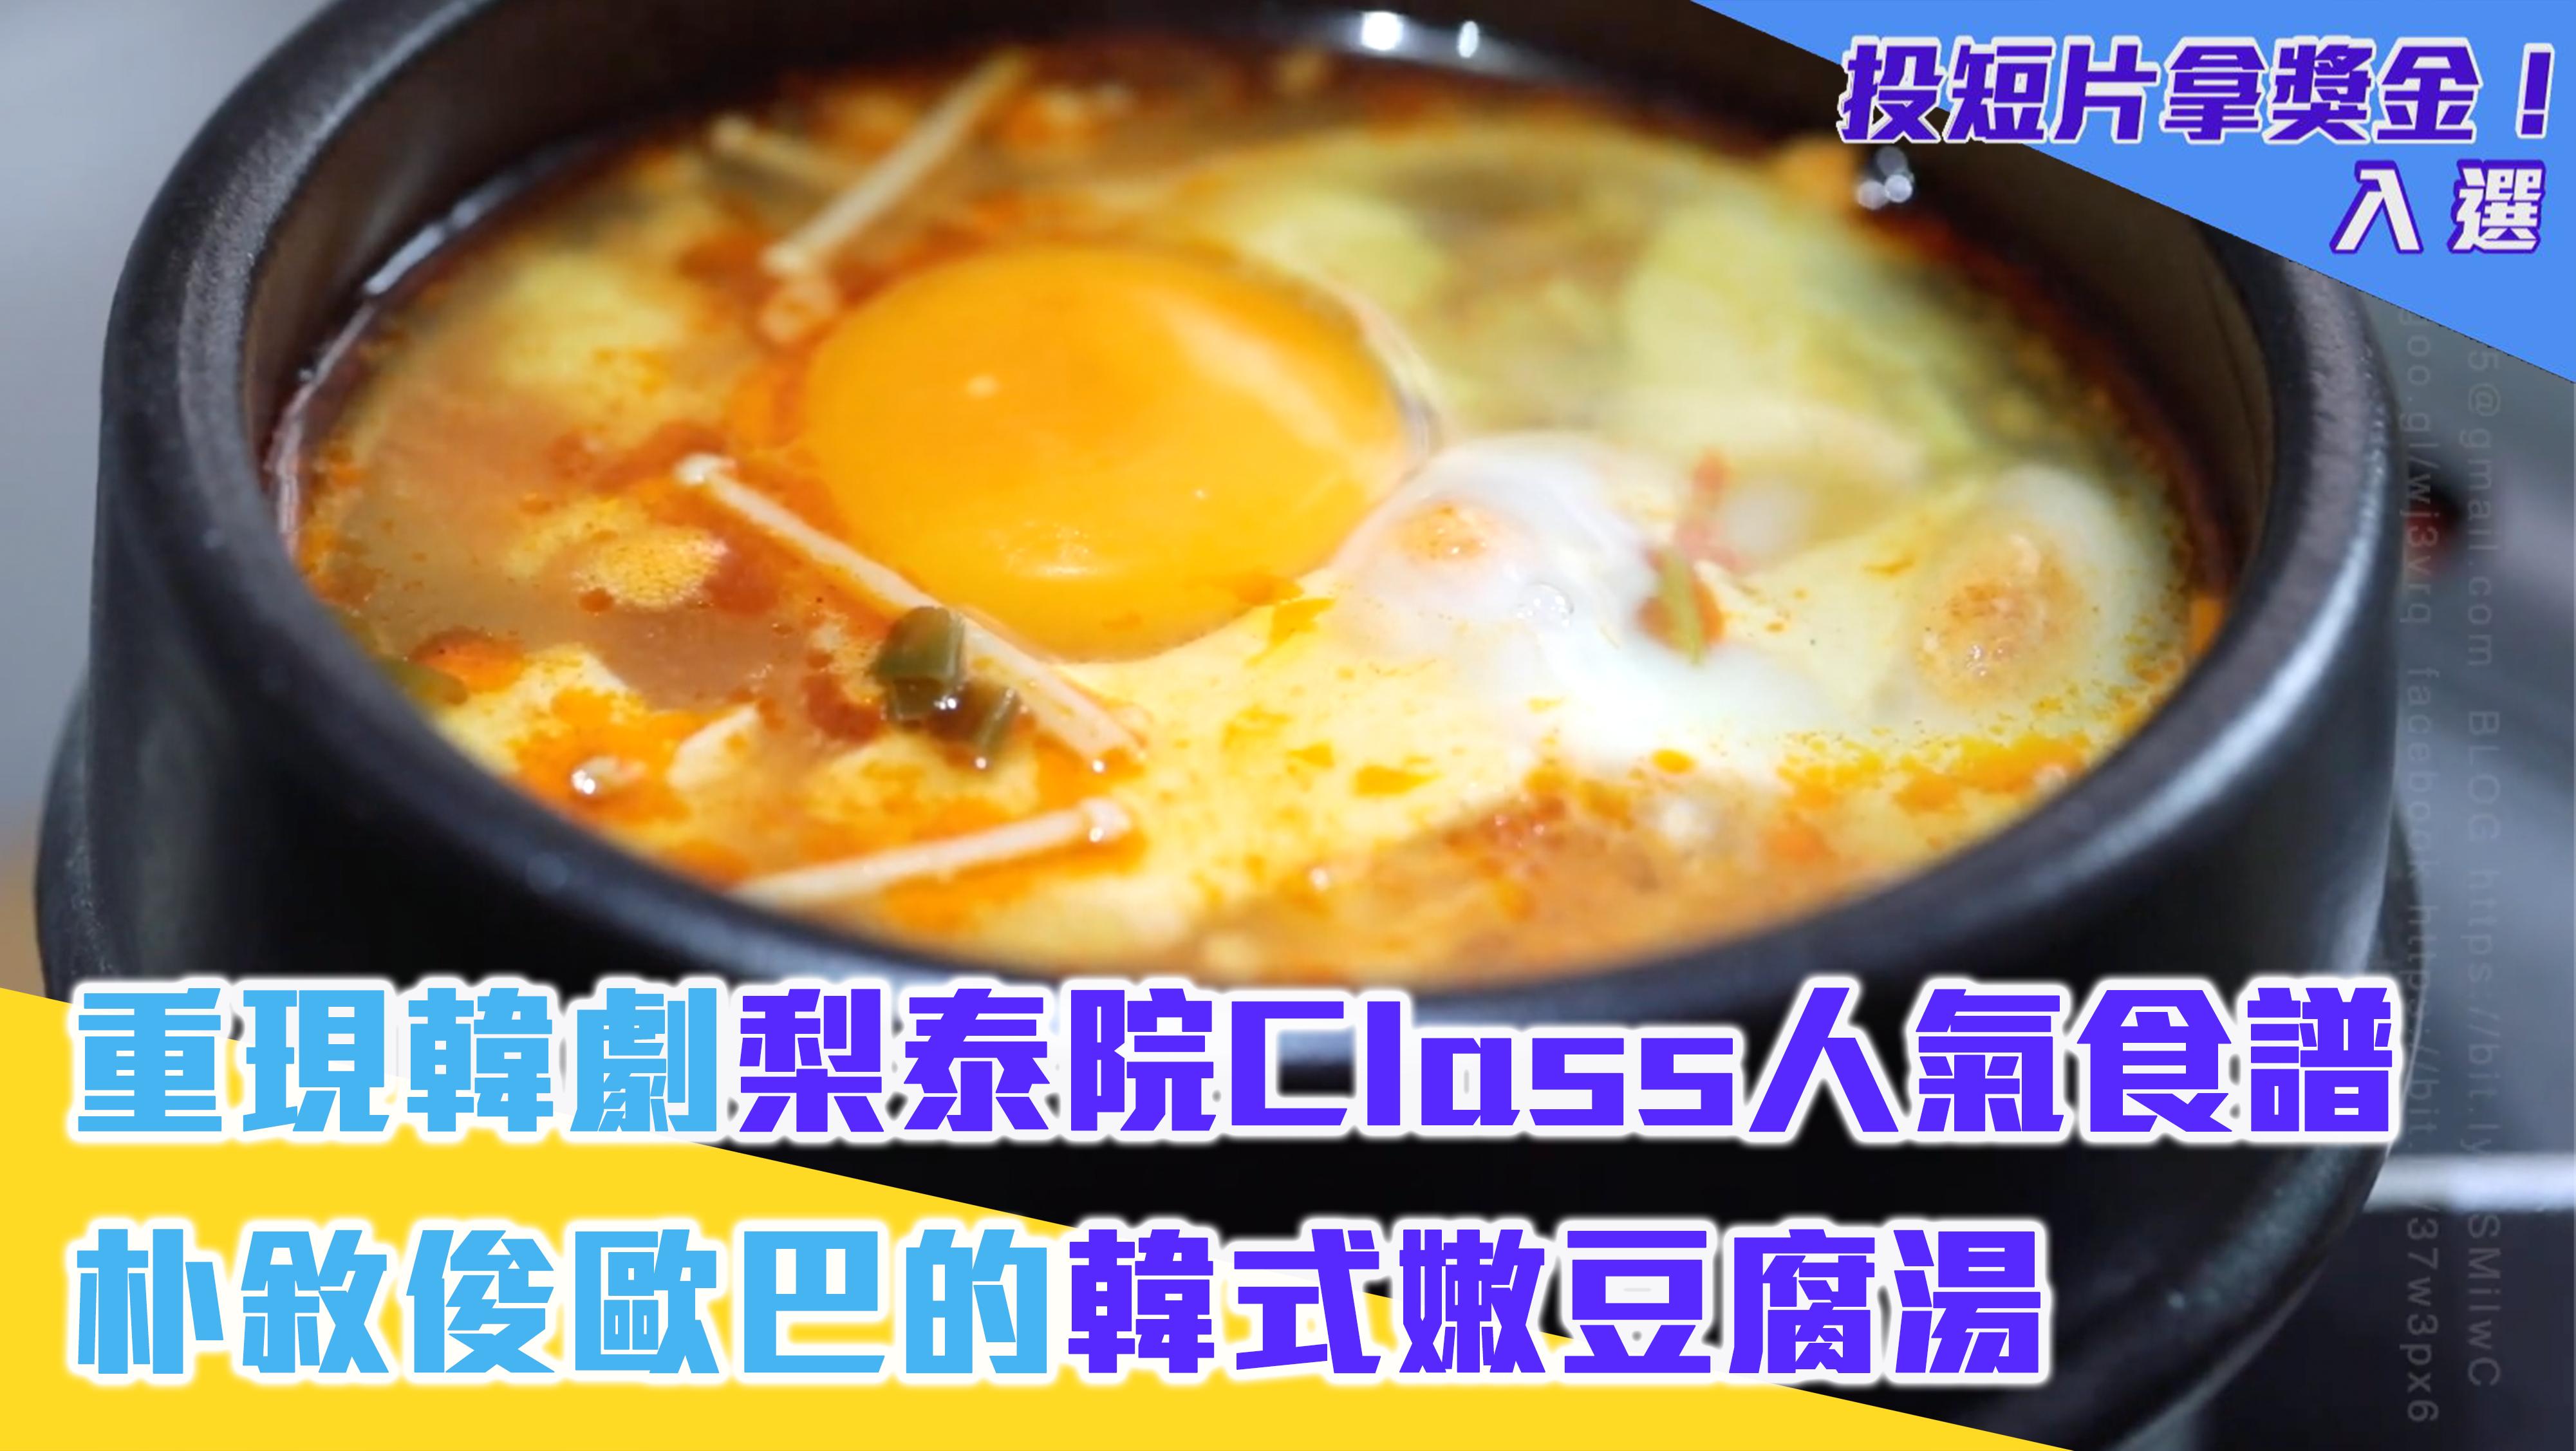 重現韓劇梨泰院Class人氣食譜 朴敘俊歐巴的韓式嫩豆腐湯